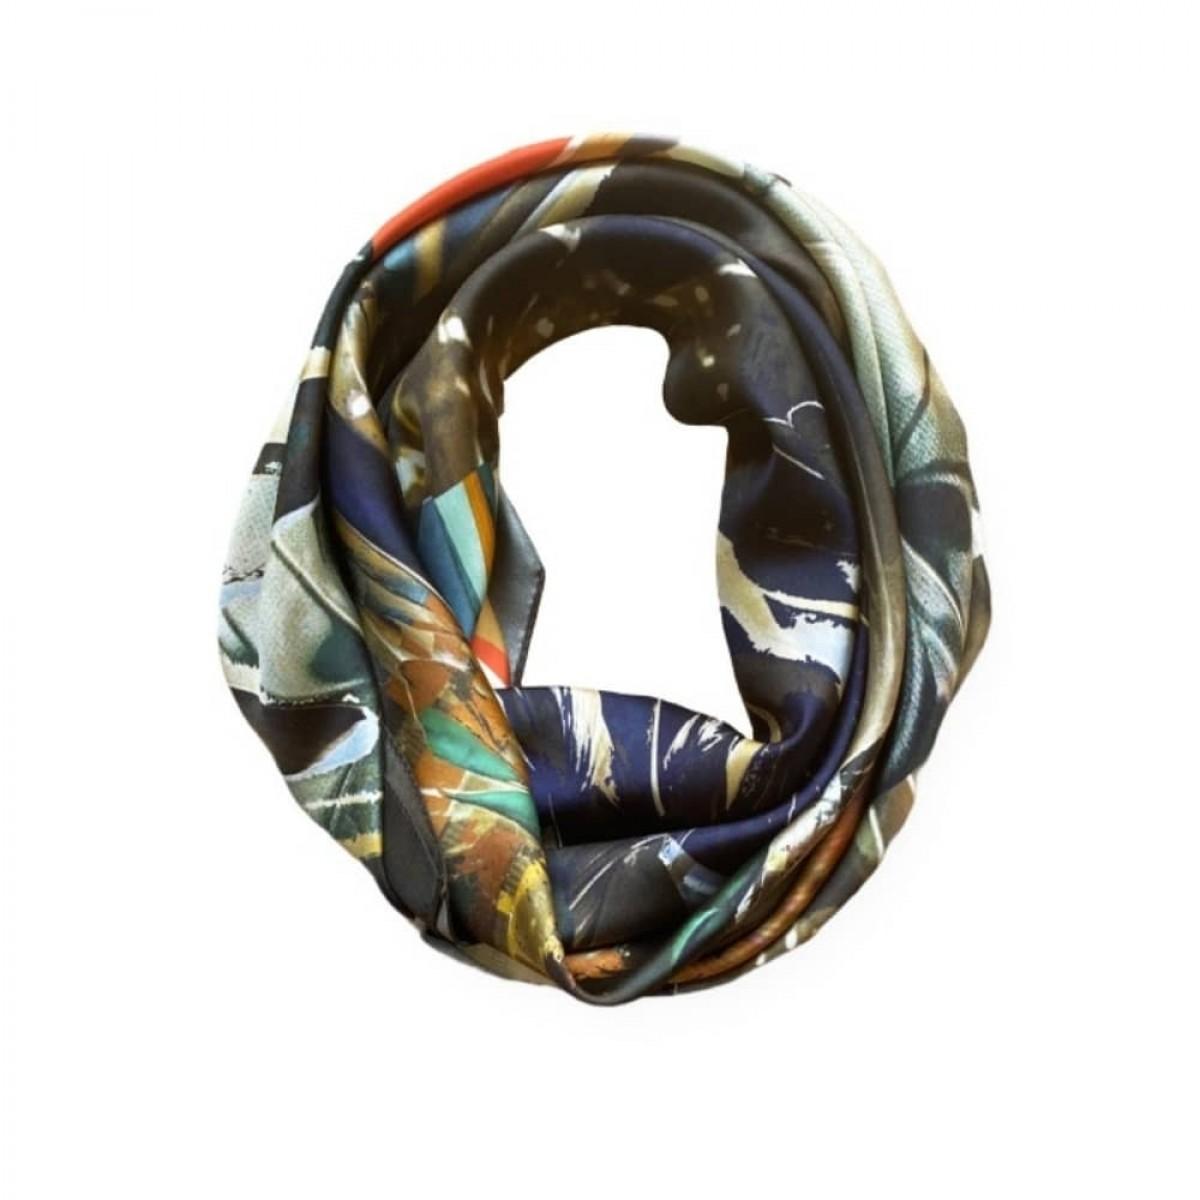 icone silke tørklæde - plume doree - detalje